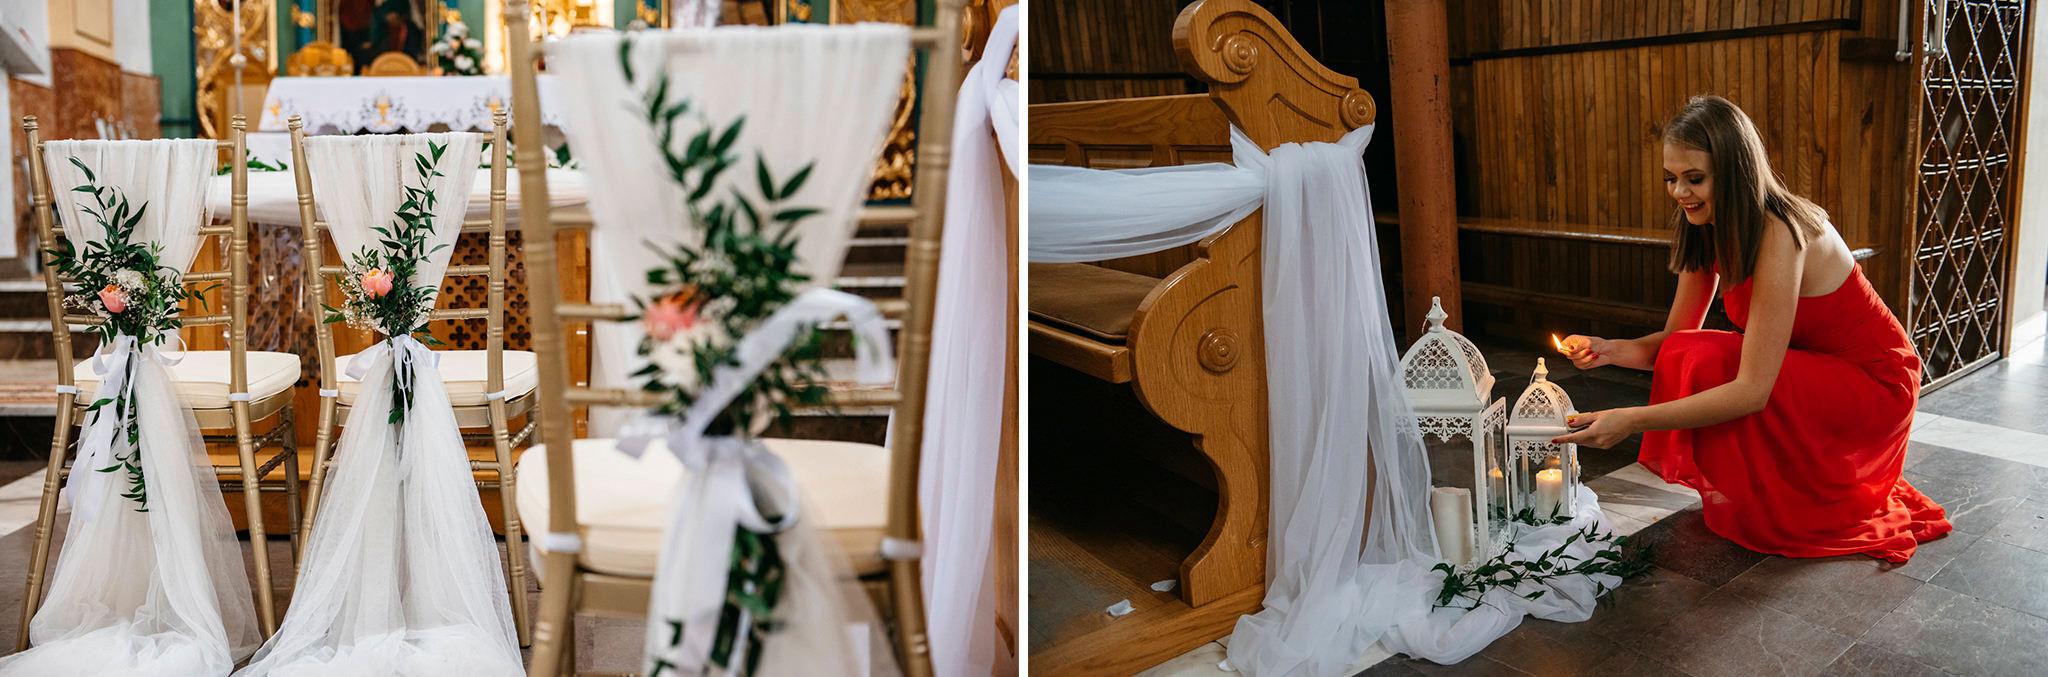 Iza i Dawid | Stylowy ślub z niesamowitą energią 26